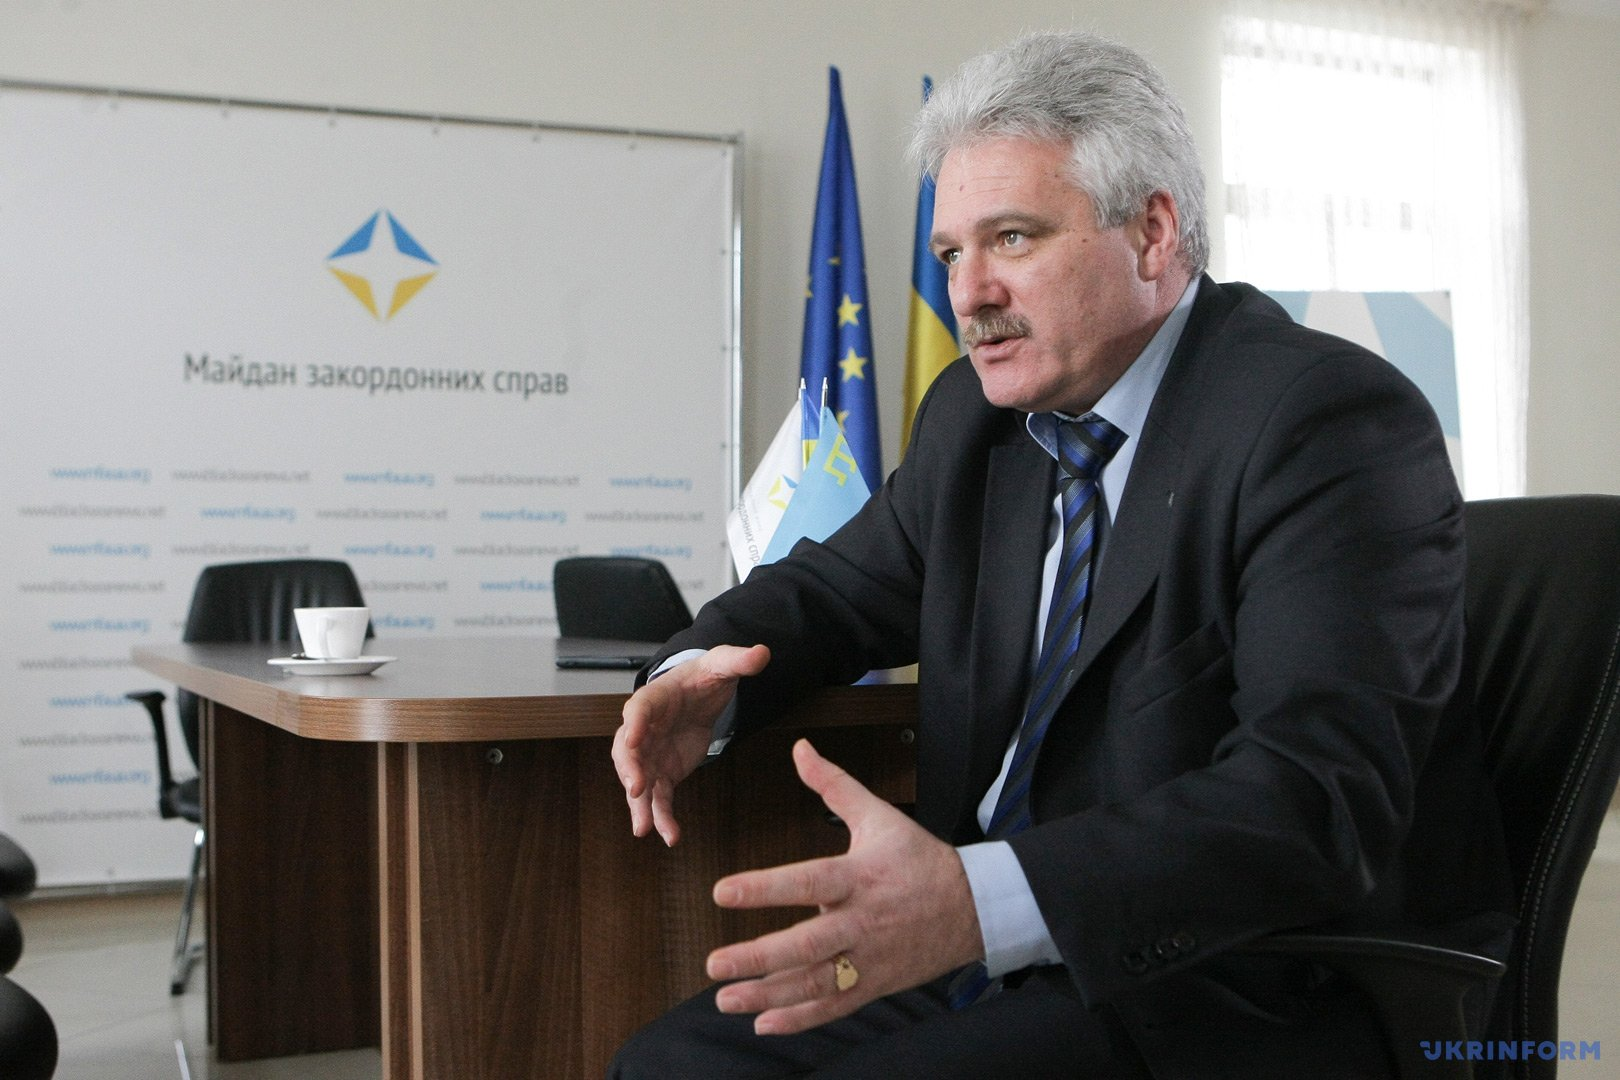 Юрій Смілянський, економічний експерт ГО «Майдан закордонних справ»